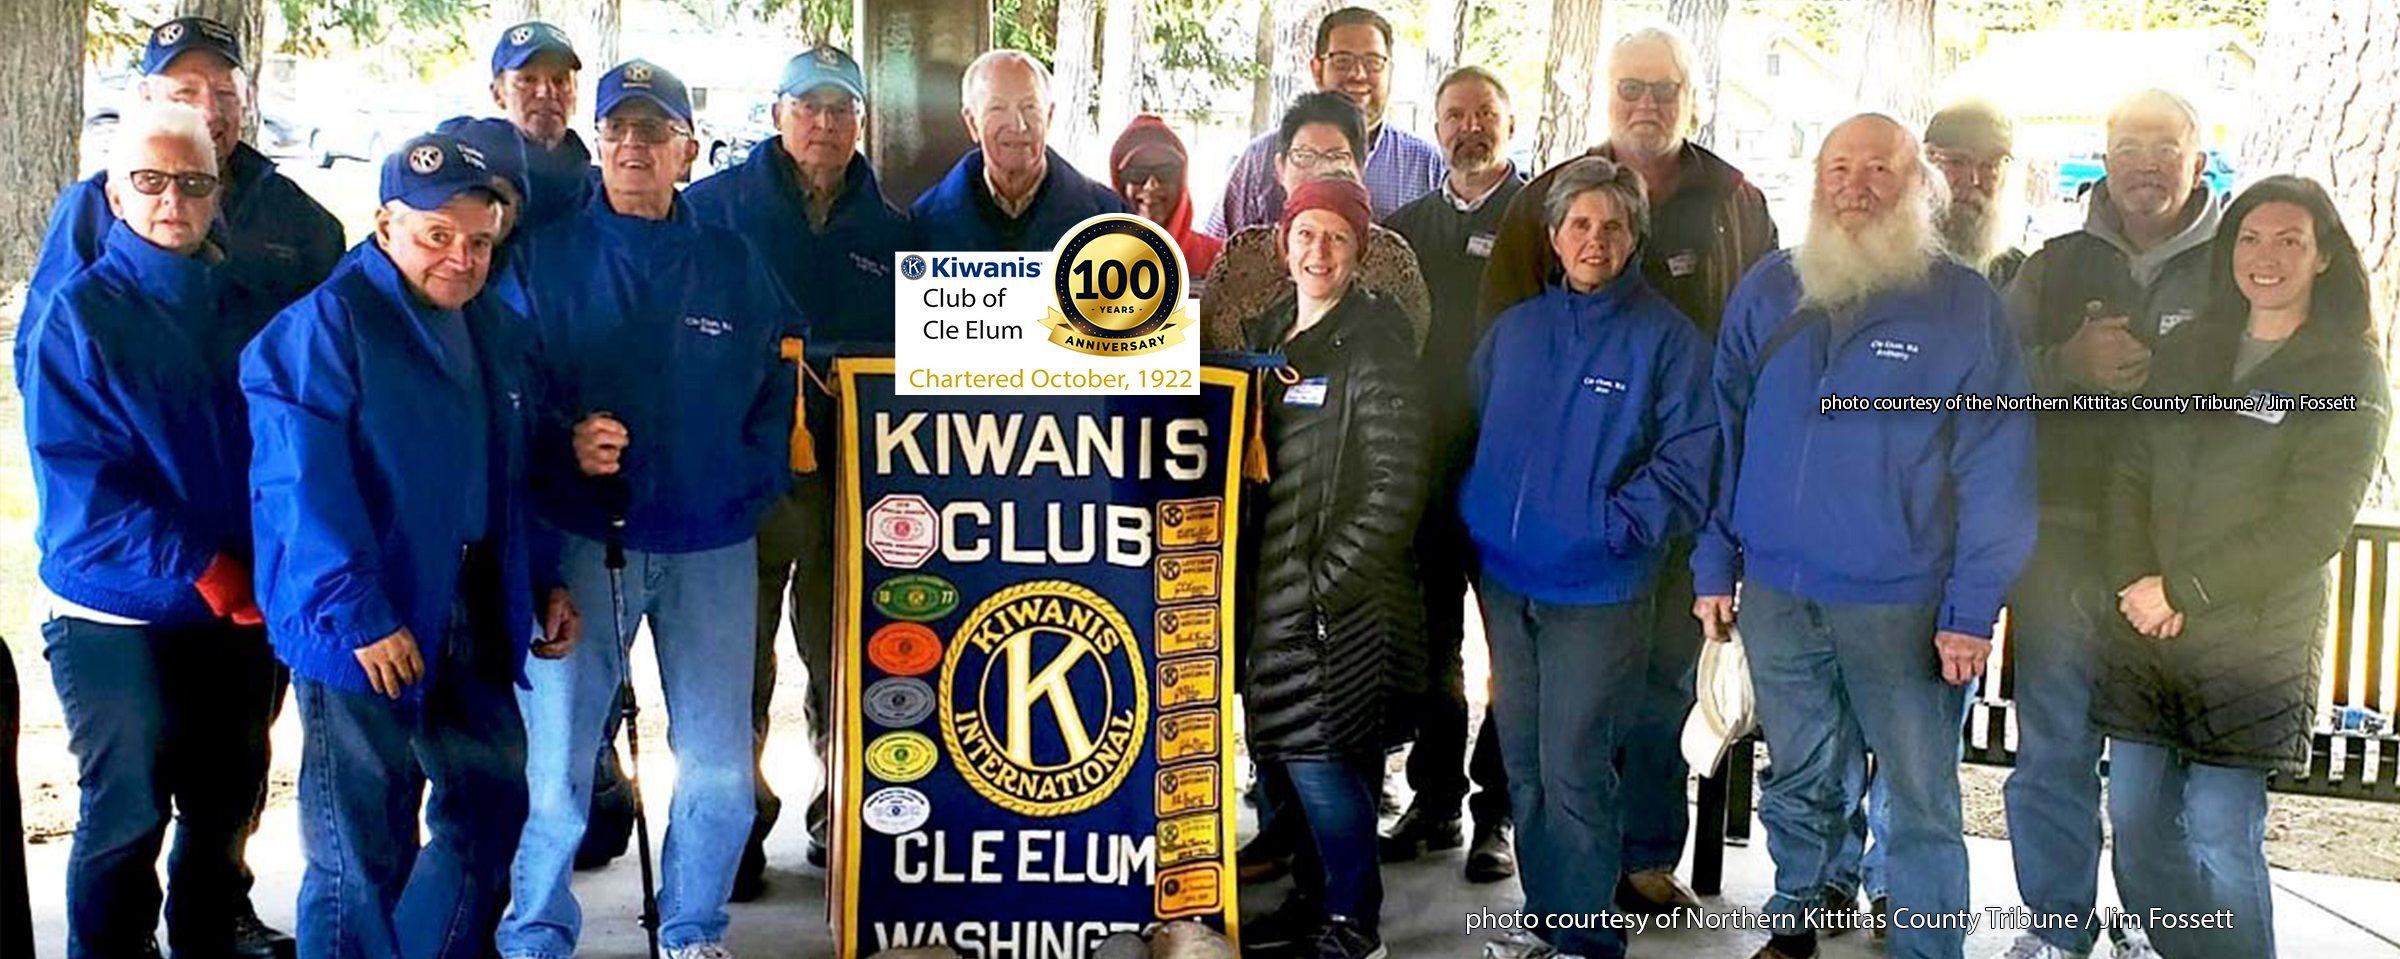 Kiwanis Club of Cle Elum